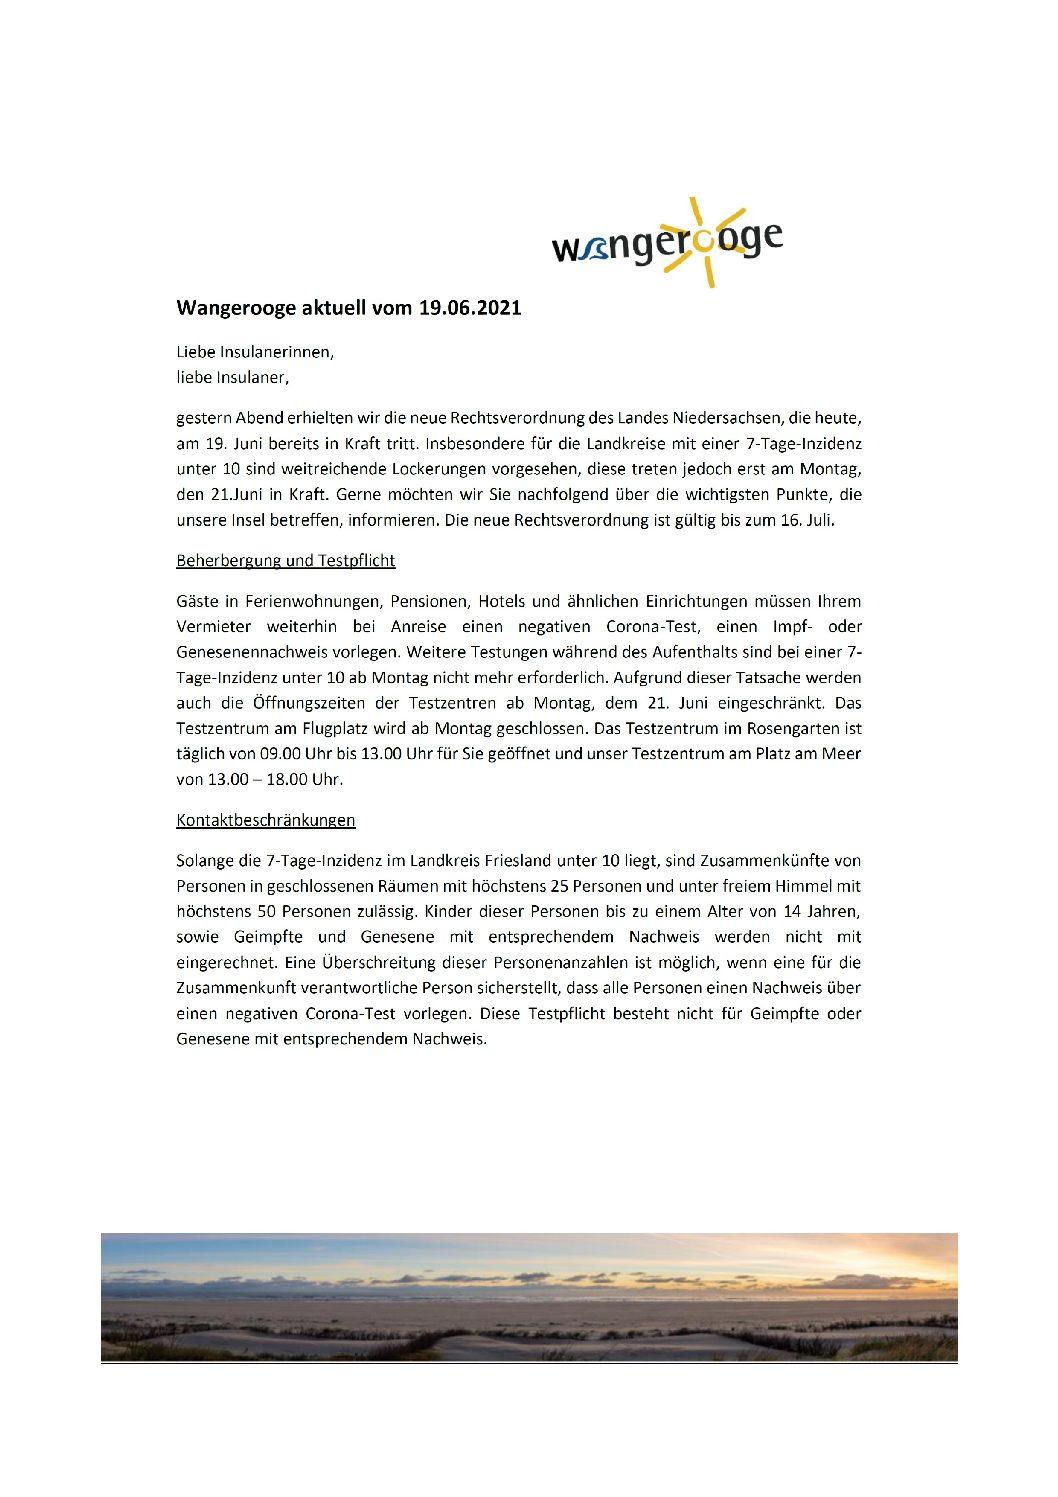 19.06.2021 Wangerooge Aktuell der Kurverwaltung: Neue Rechtsverordnung des Landes Niedersachsen, die heute, am 19. Juni bereits in Kraft tritt